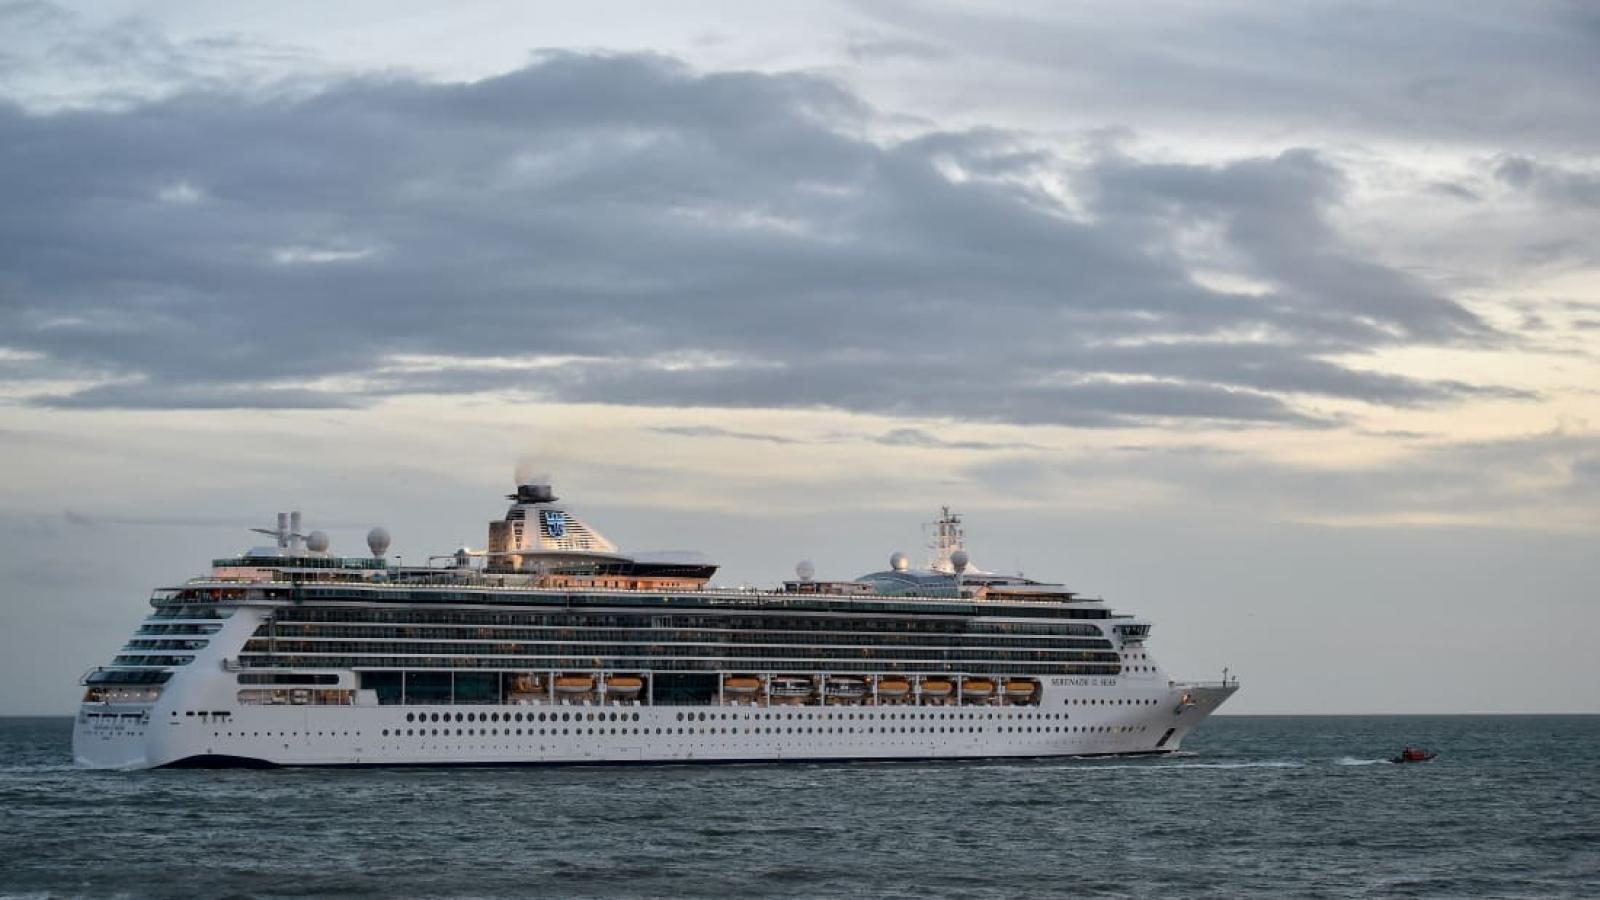 Mở bán tour du thuyền vòng quanh thế giới trong 9 tháng